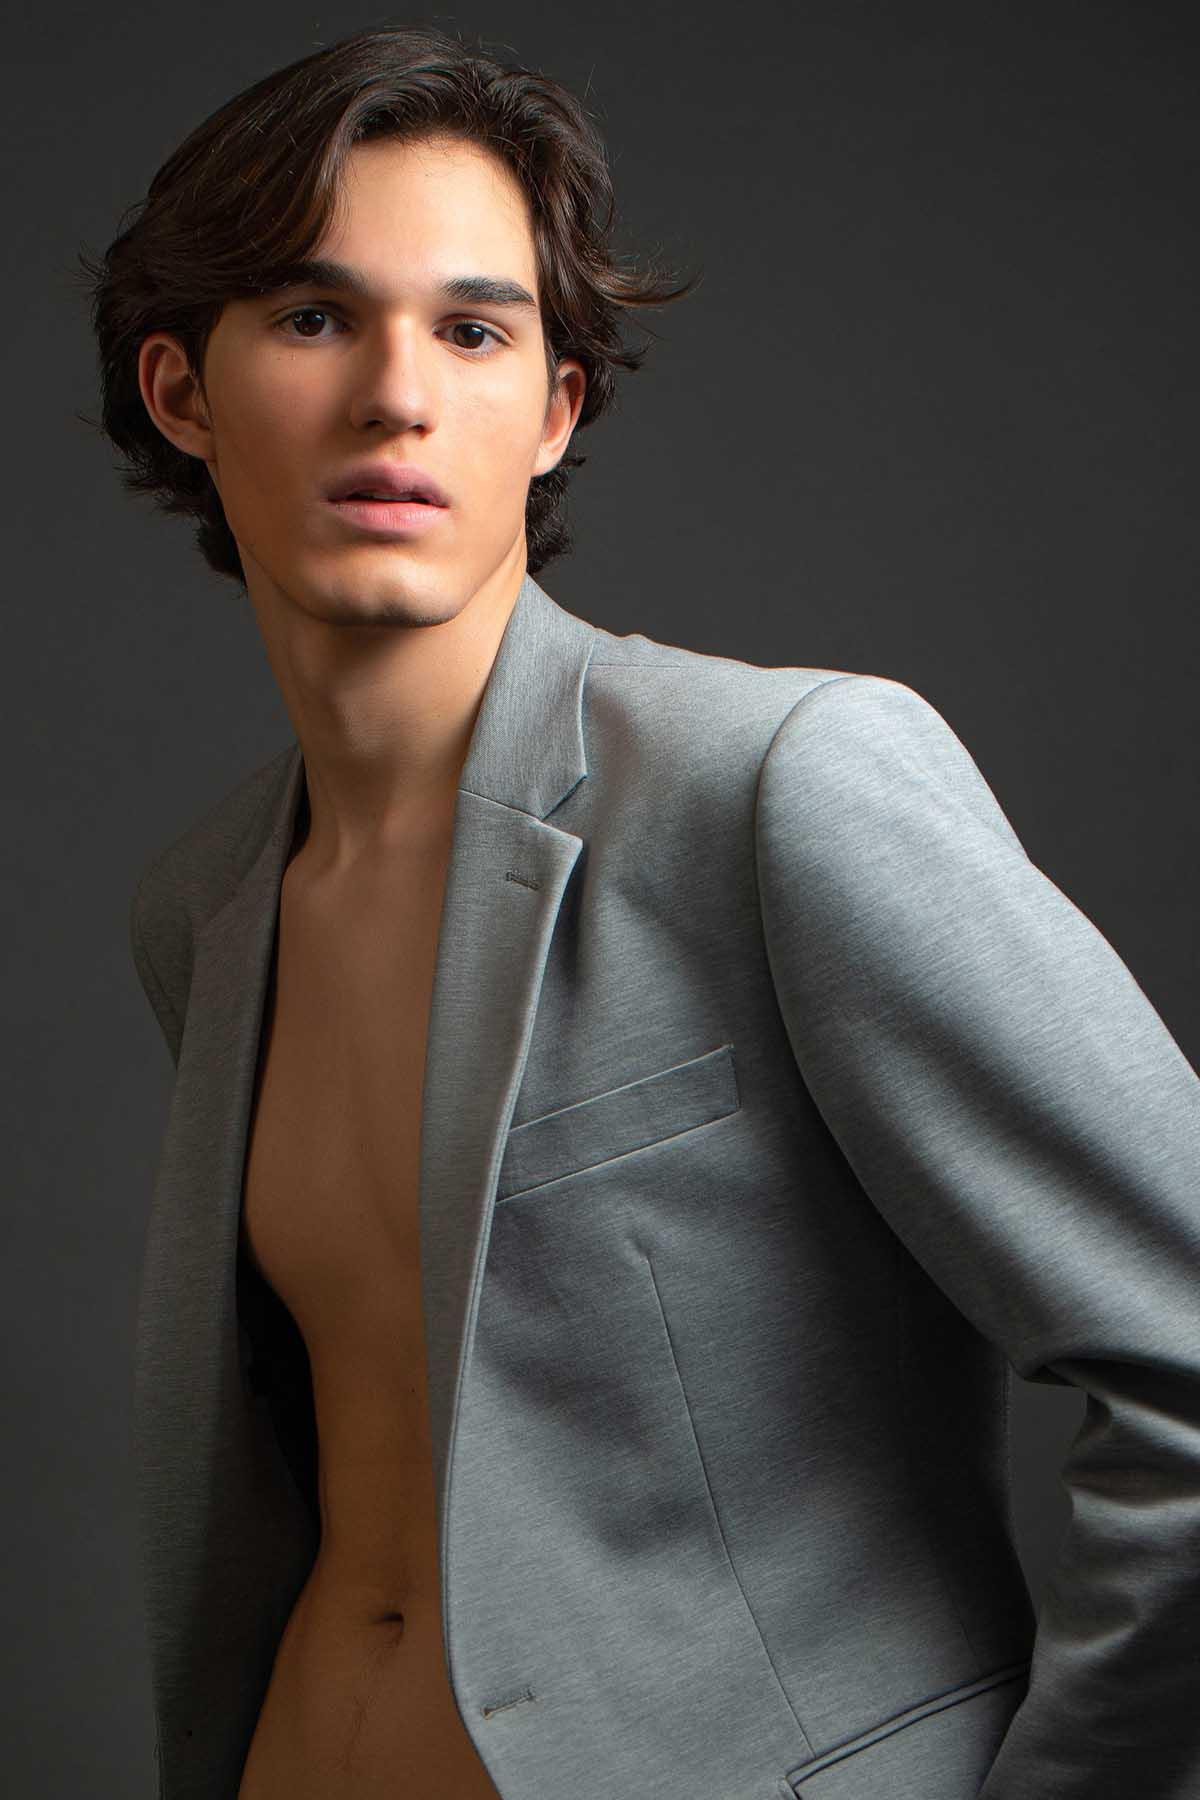 Hugo Araújo by Vinny Soares for Brazilian Male Model